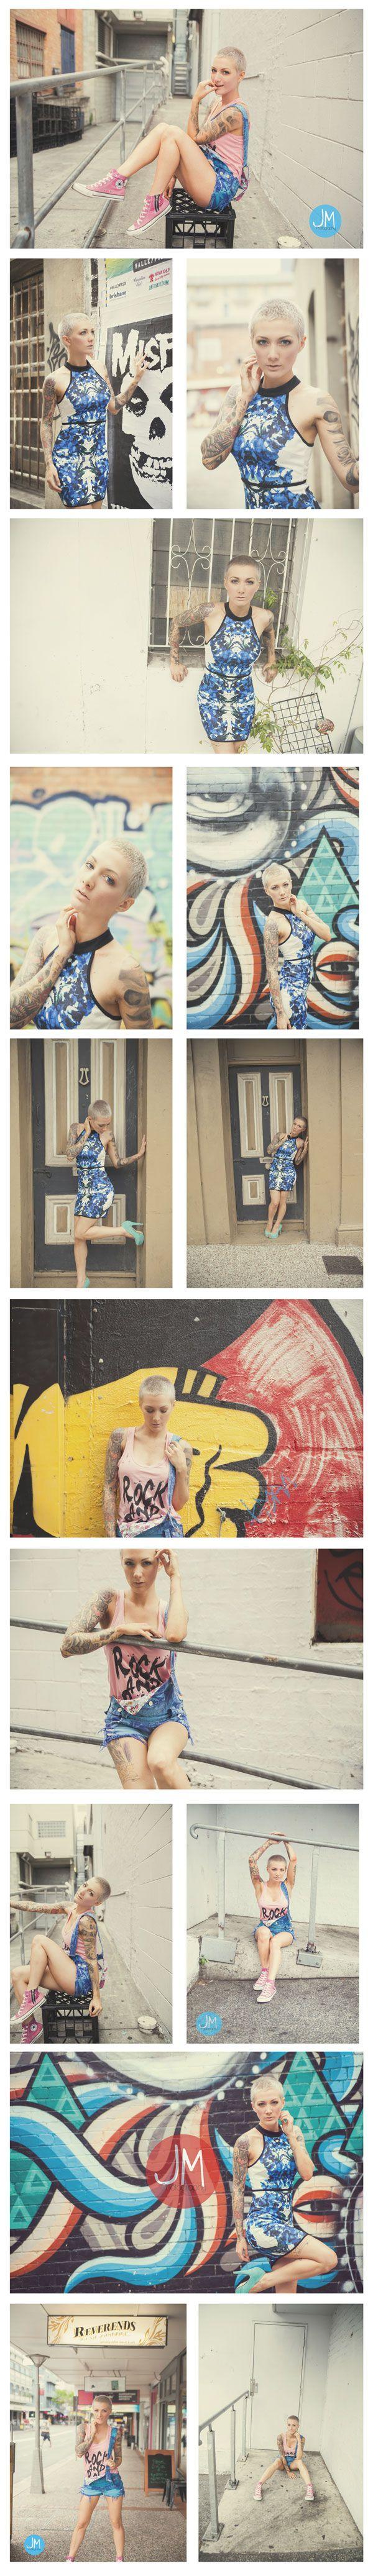 Brisbane Fashion, Portrait, Event and Wedding Photographer - Fashion Photography - Jennifer Maxsted Photography  - Urban Photoshoot